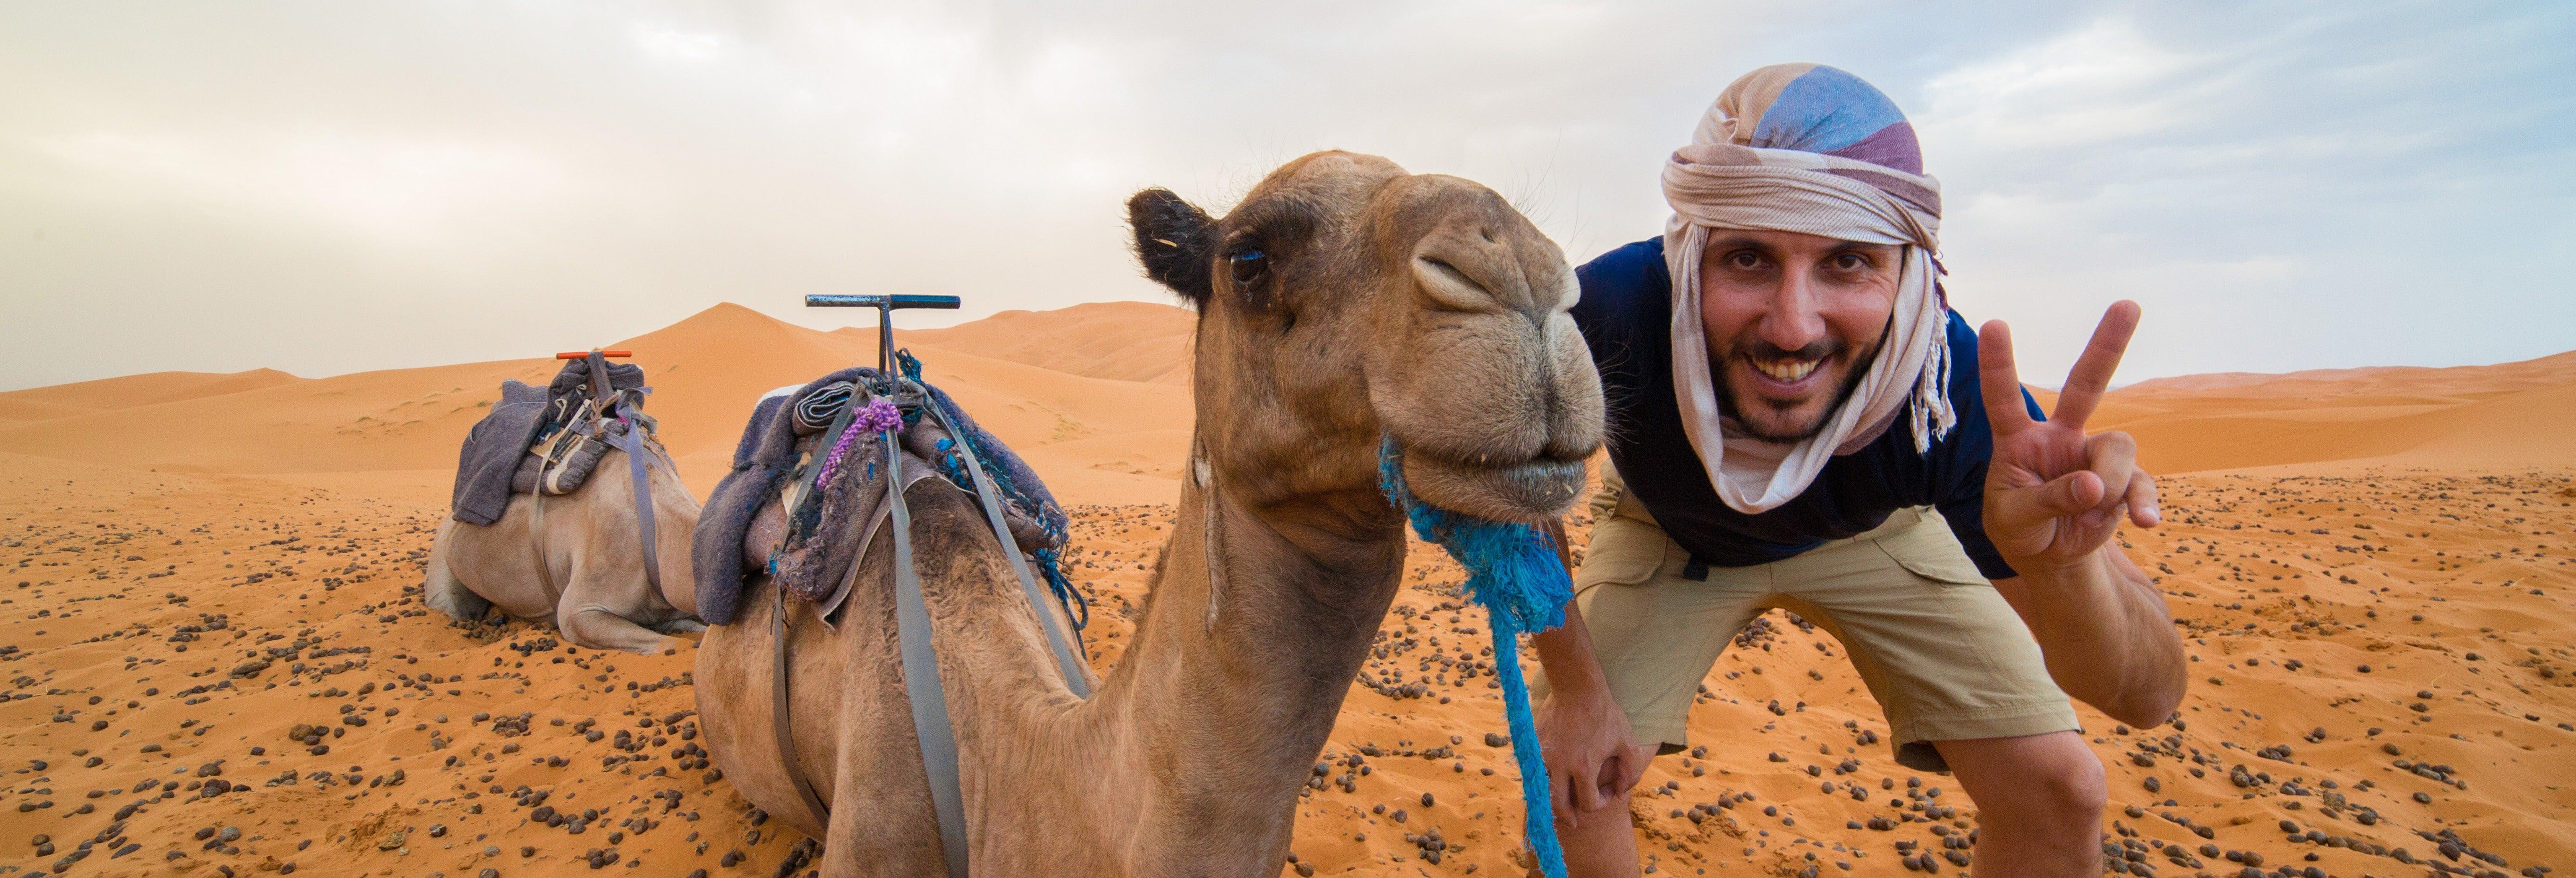 Escursione di 3 giorni nel deserto di Merzouga fino a Marrakech